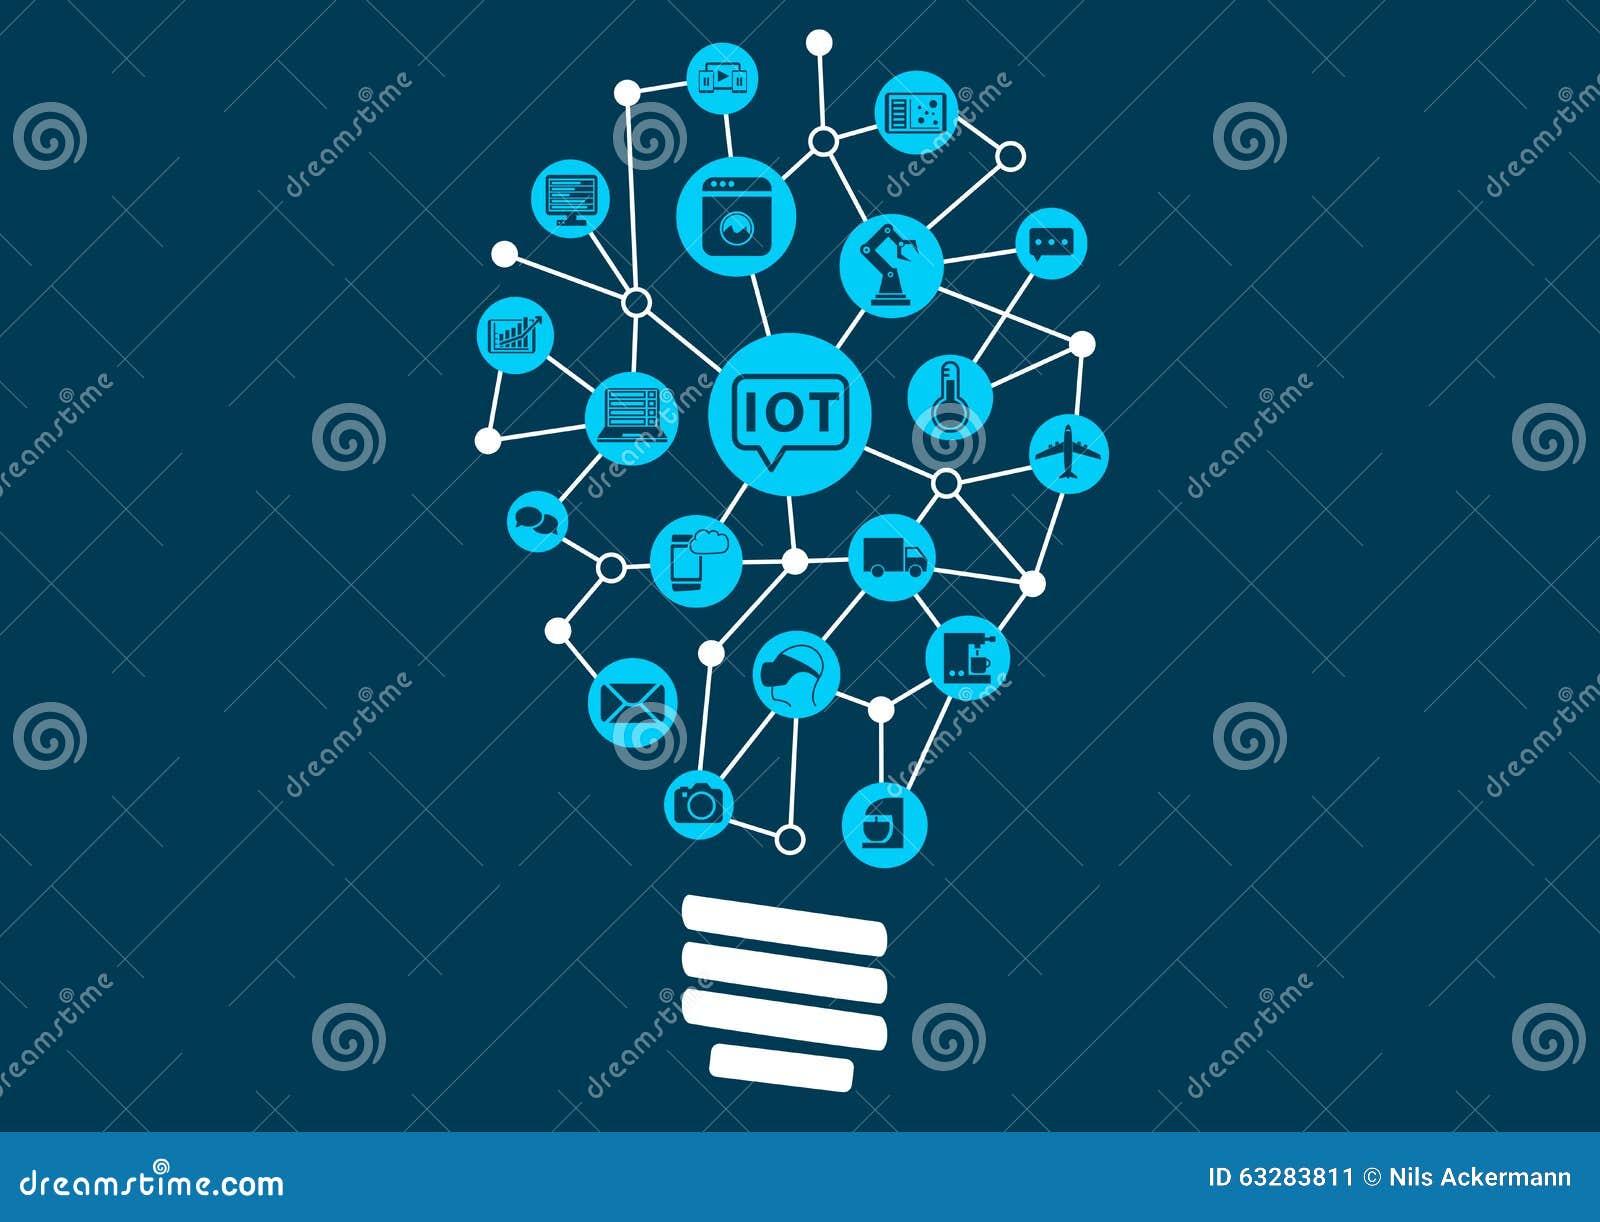 Innovatieve digitale revolutie van Internet van dingen om vernietigende bedrijfsmodellen toe te laten